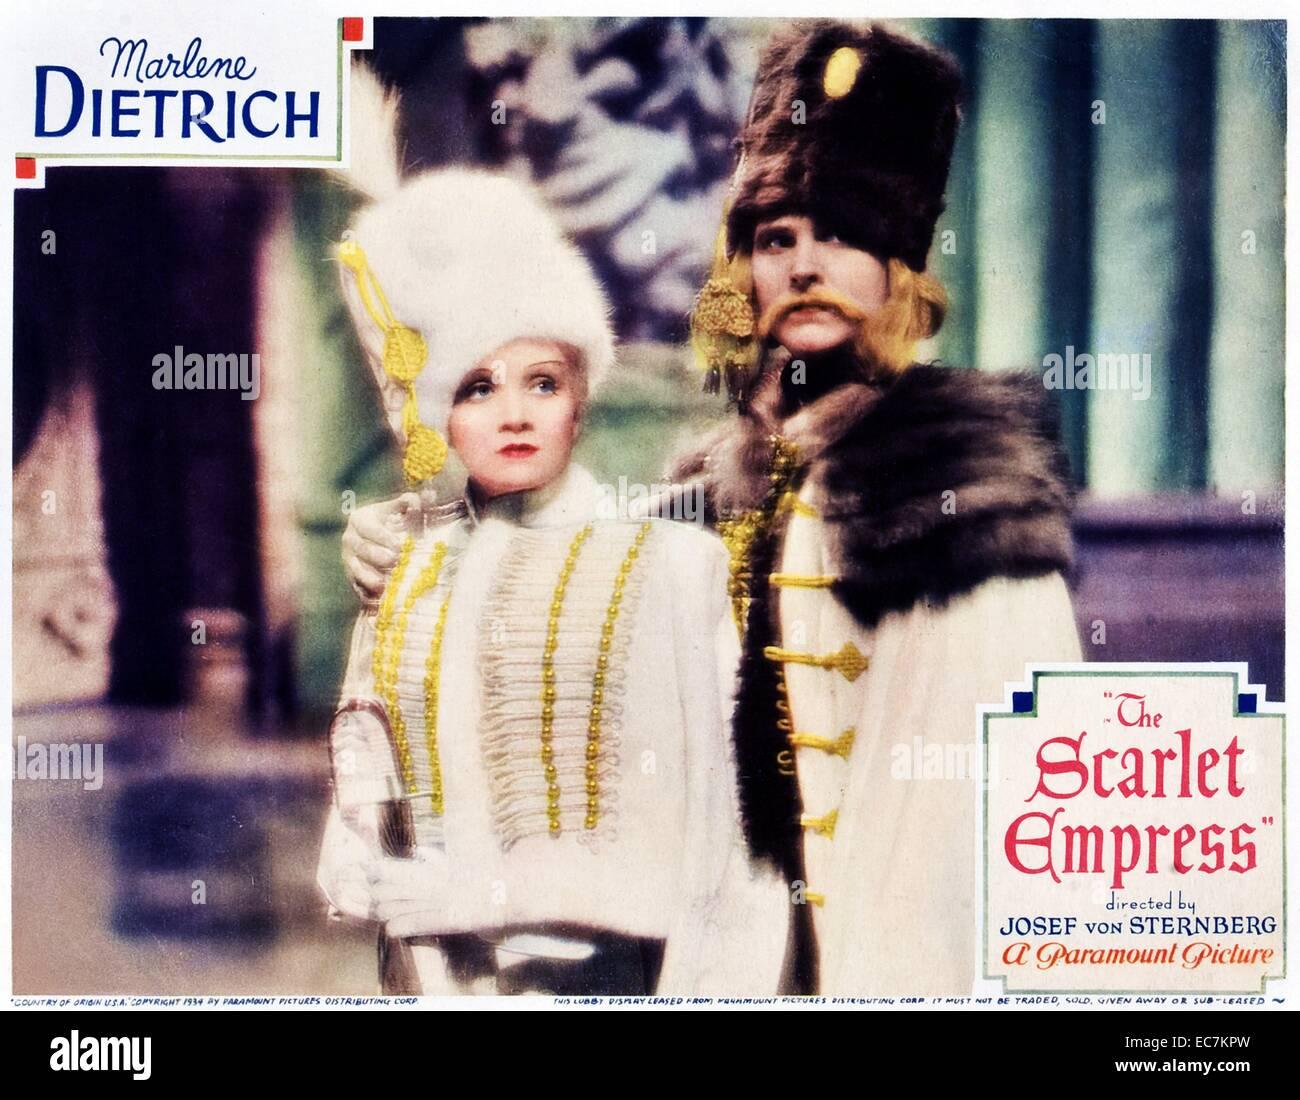 Marlene Dietrich, Deutsch, Schauspielerin, Filme, Film, Kino, Icon, Sänger, Katharina die große, Russland Stockbild